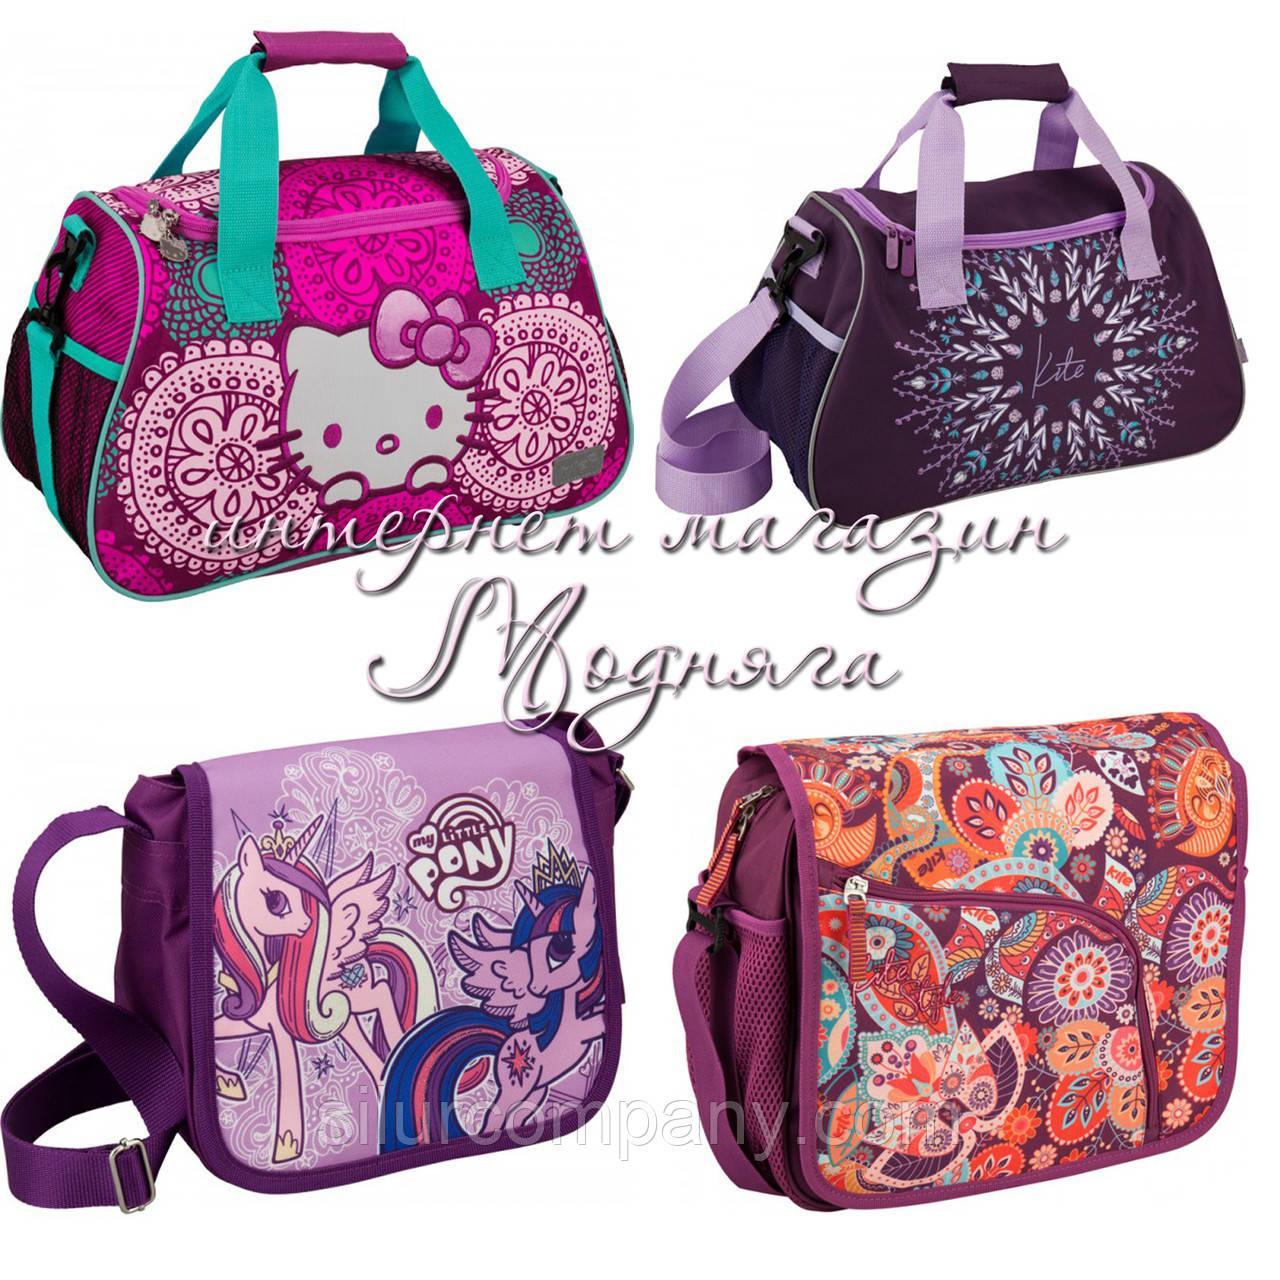 9f65c64e147d Детские Спортивные сумки kite stile: продажа, цена в Киеве, в ...